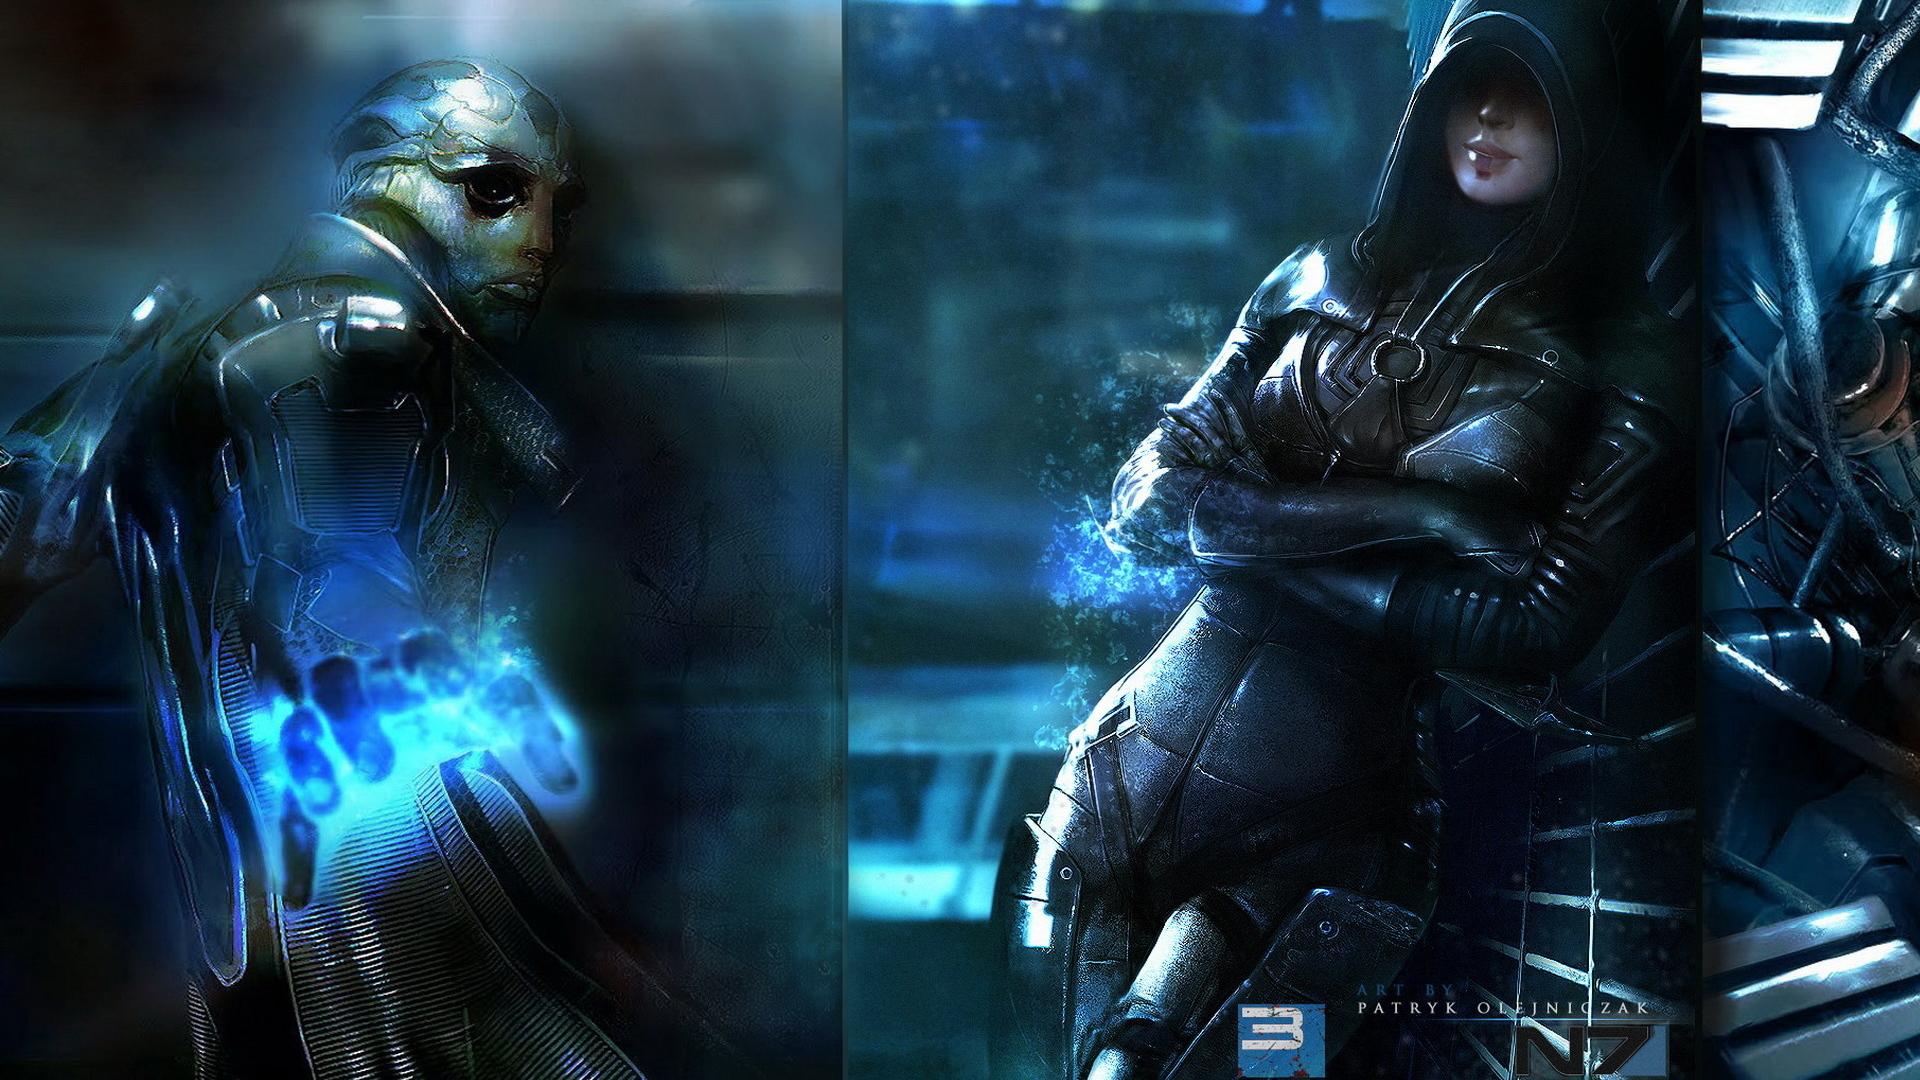 Mass Effect Desktop Backgrounds: Mass Effect 3 Wallpapers